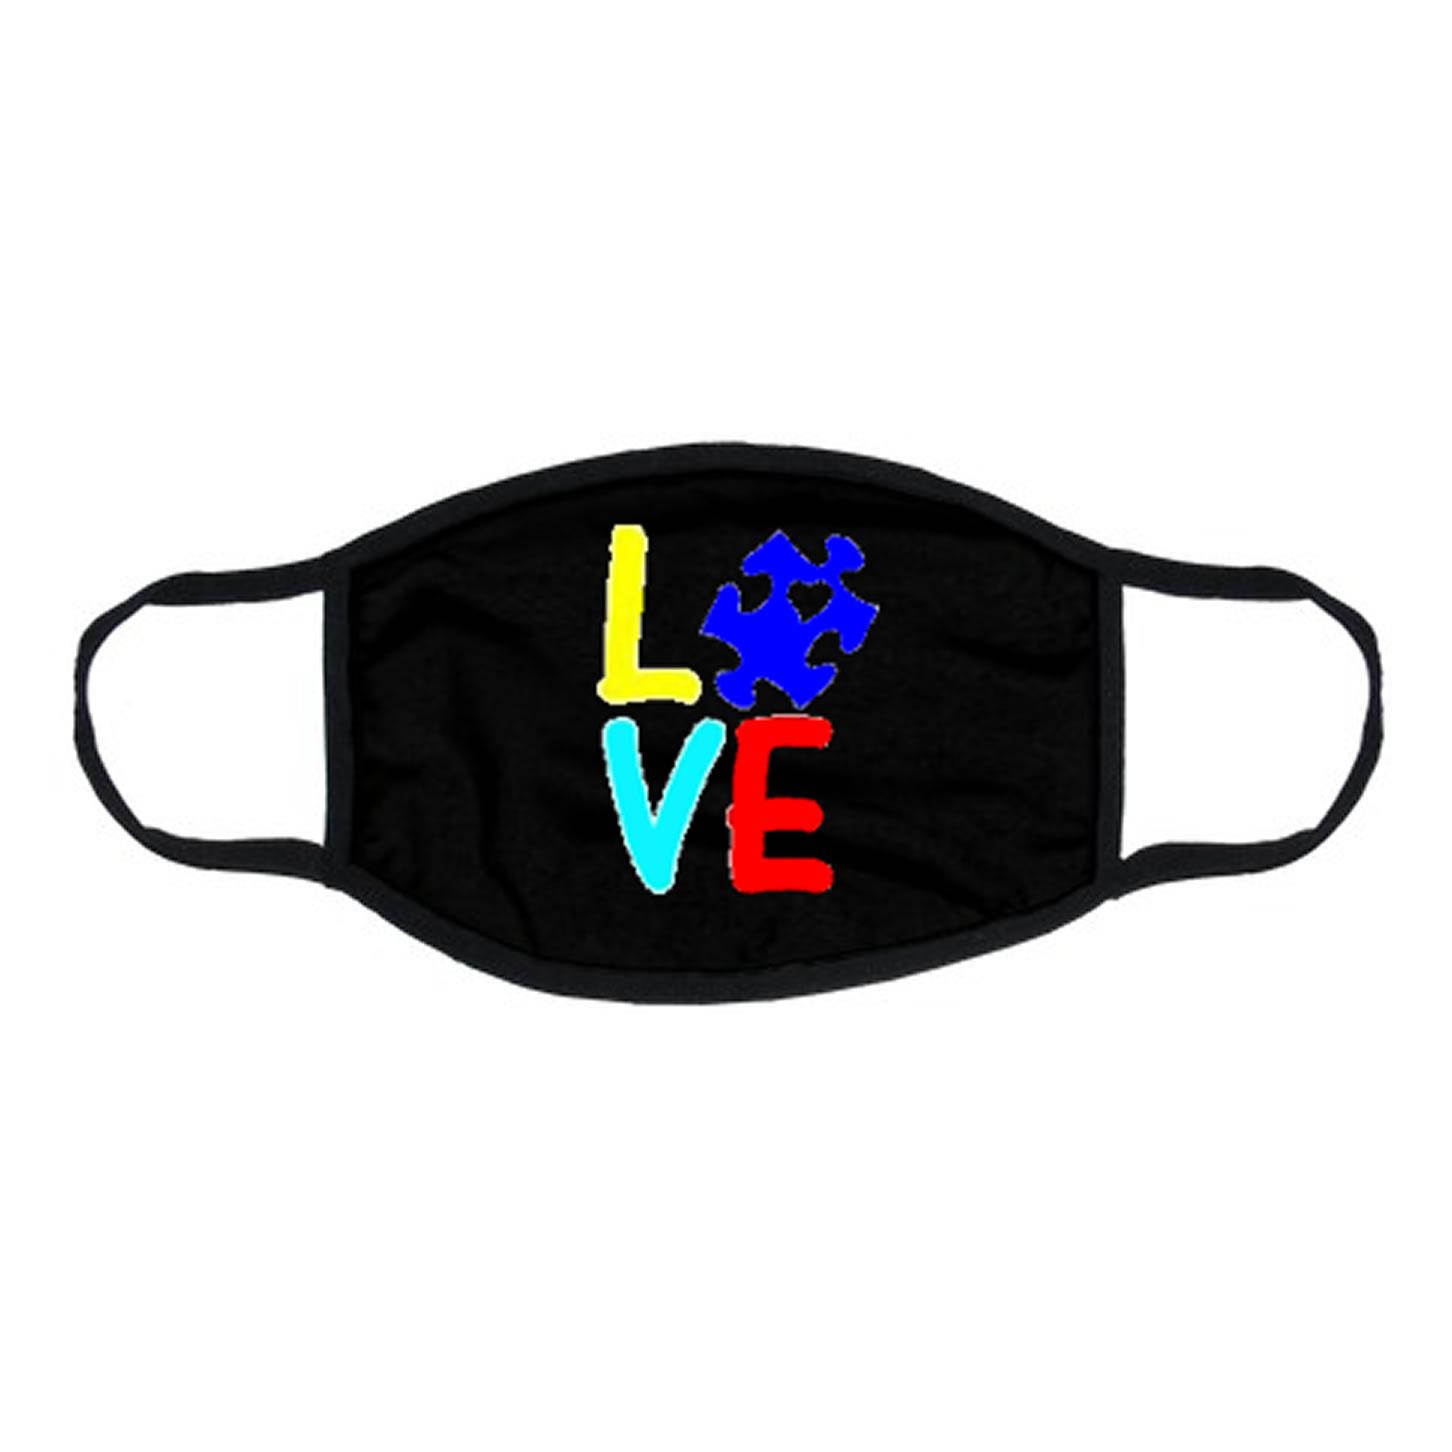 Autism Awareness LOVE Face Mask